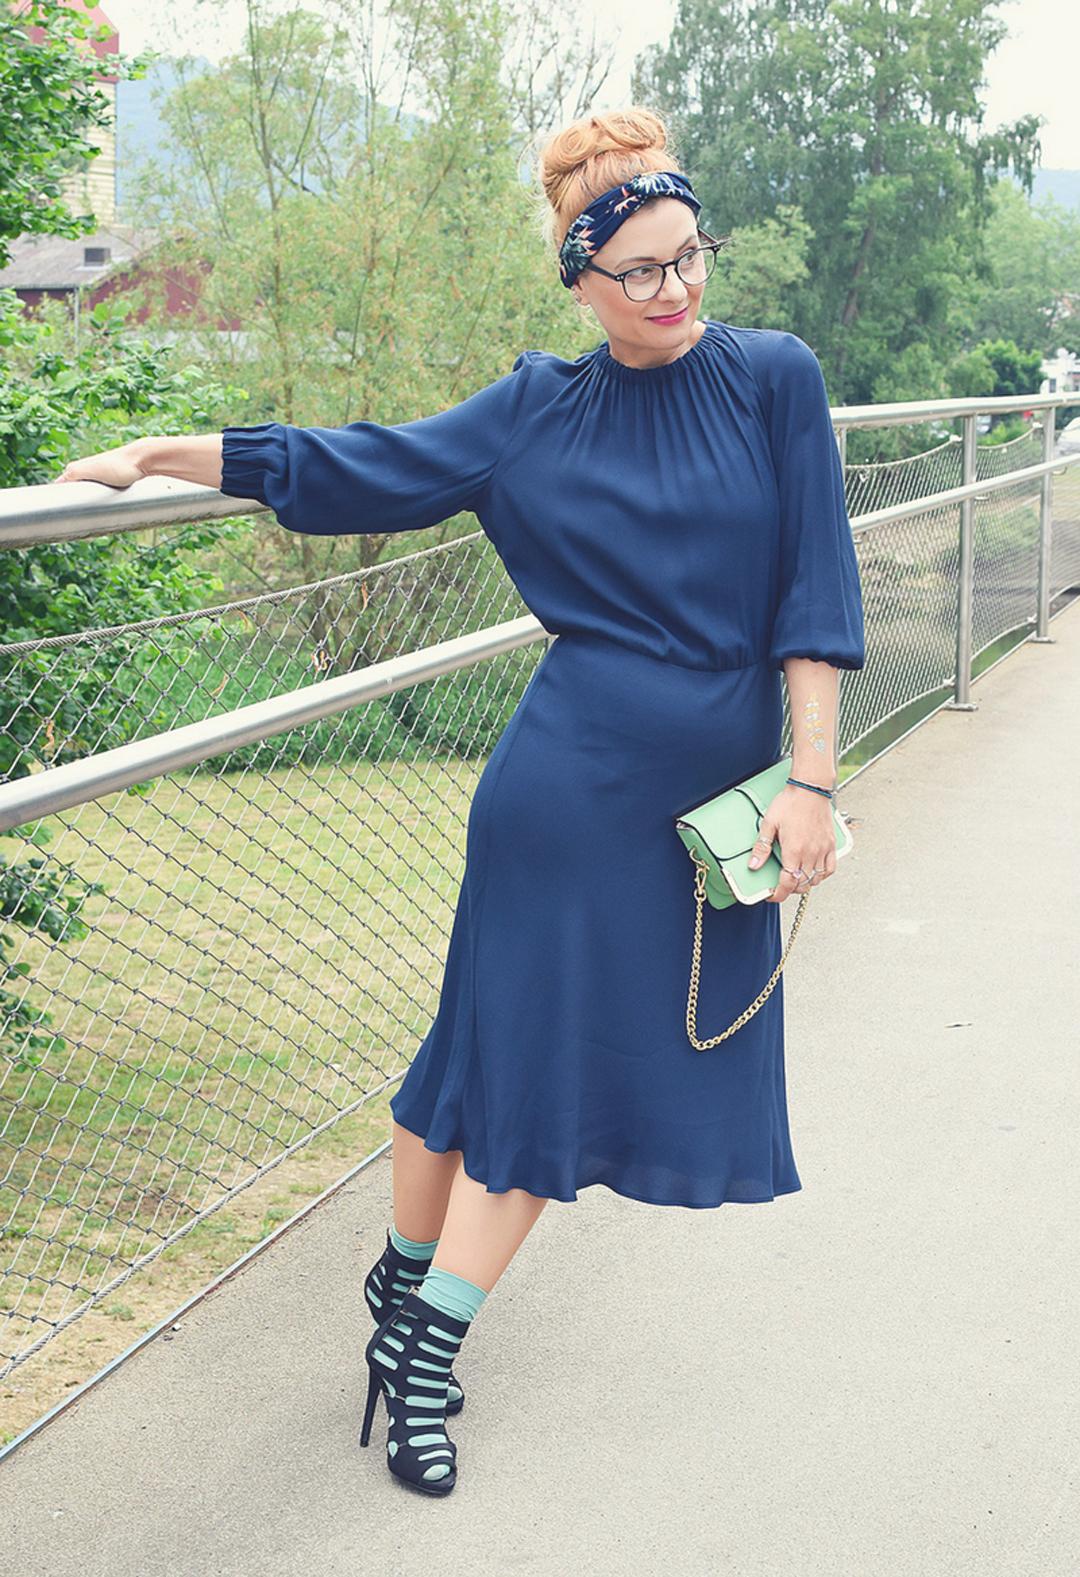 Söckchen in High Heels, Look mit Kleid und High Heels